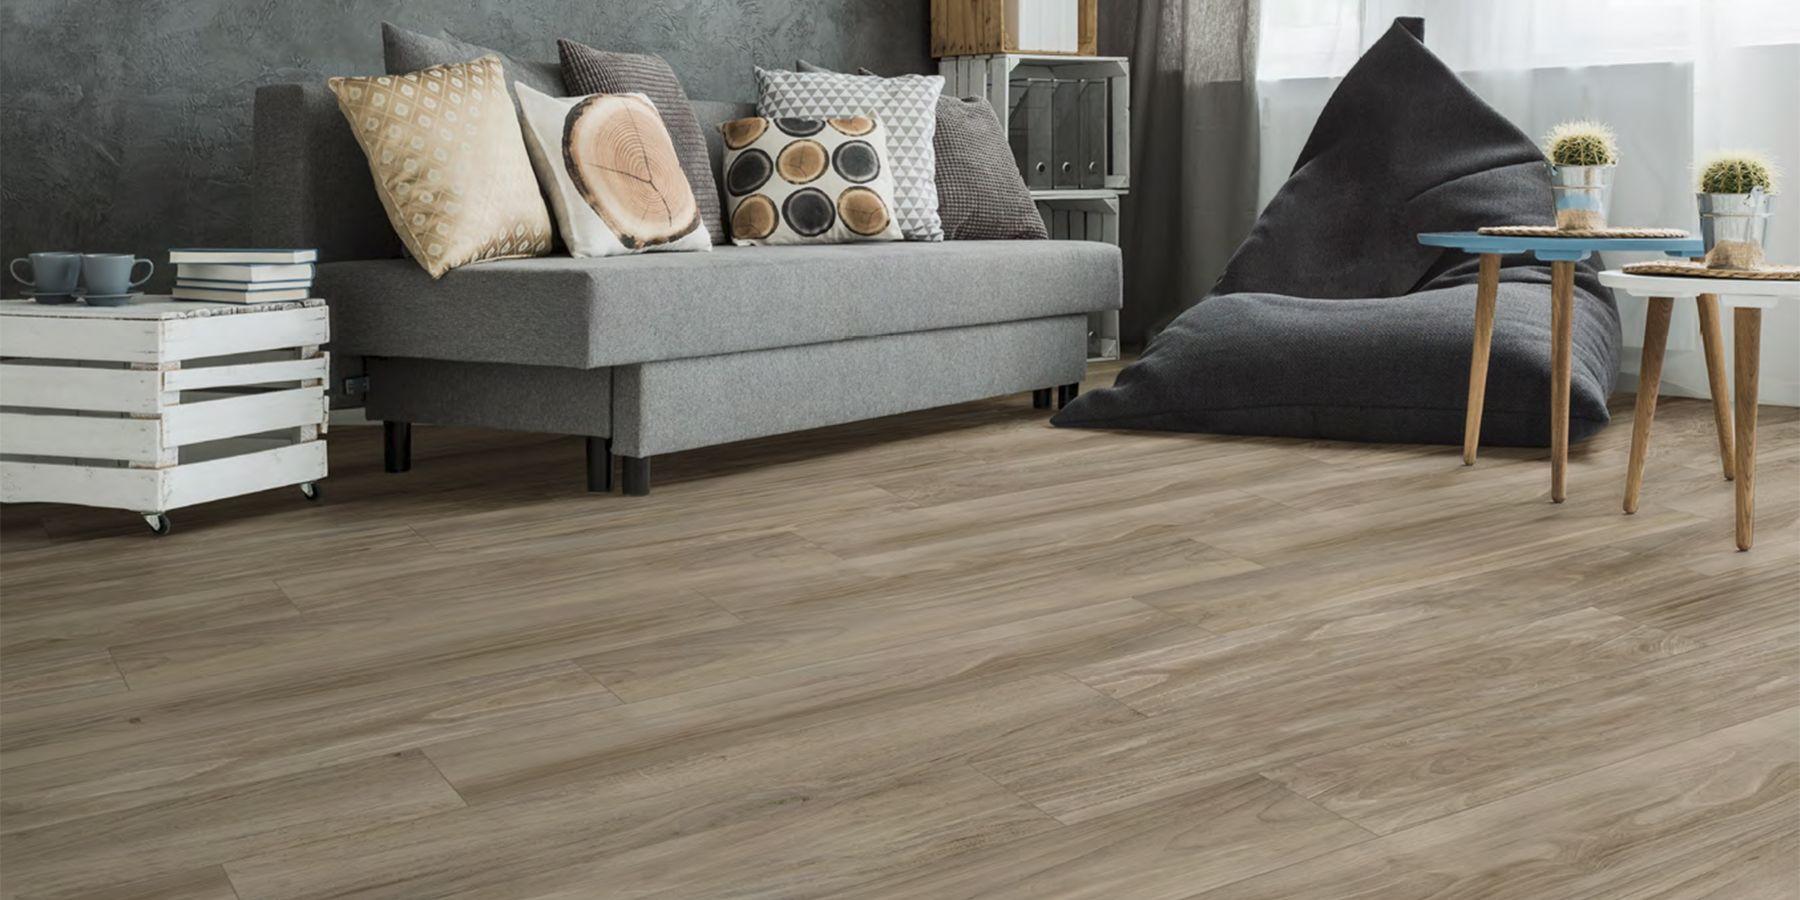 Flooring, Room, Types of flooring